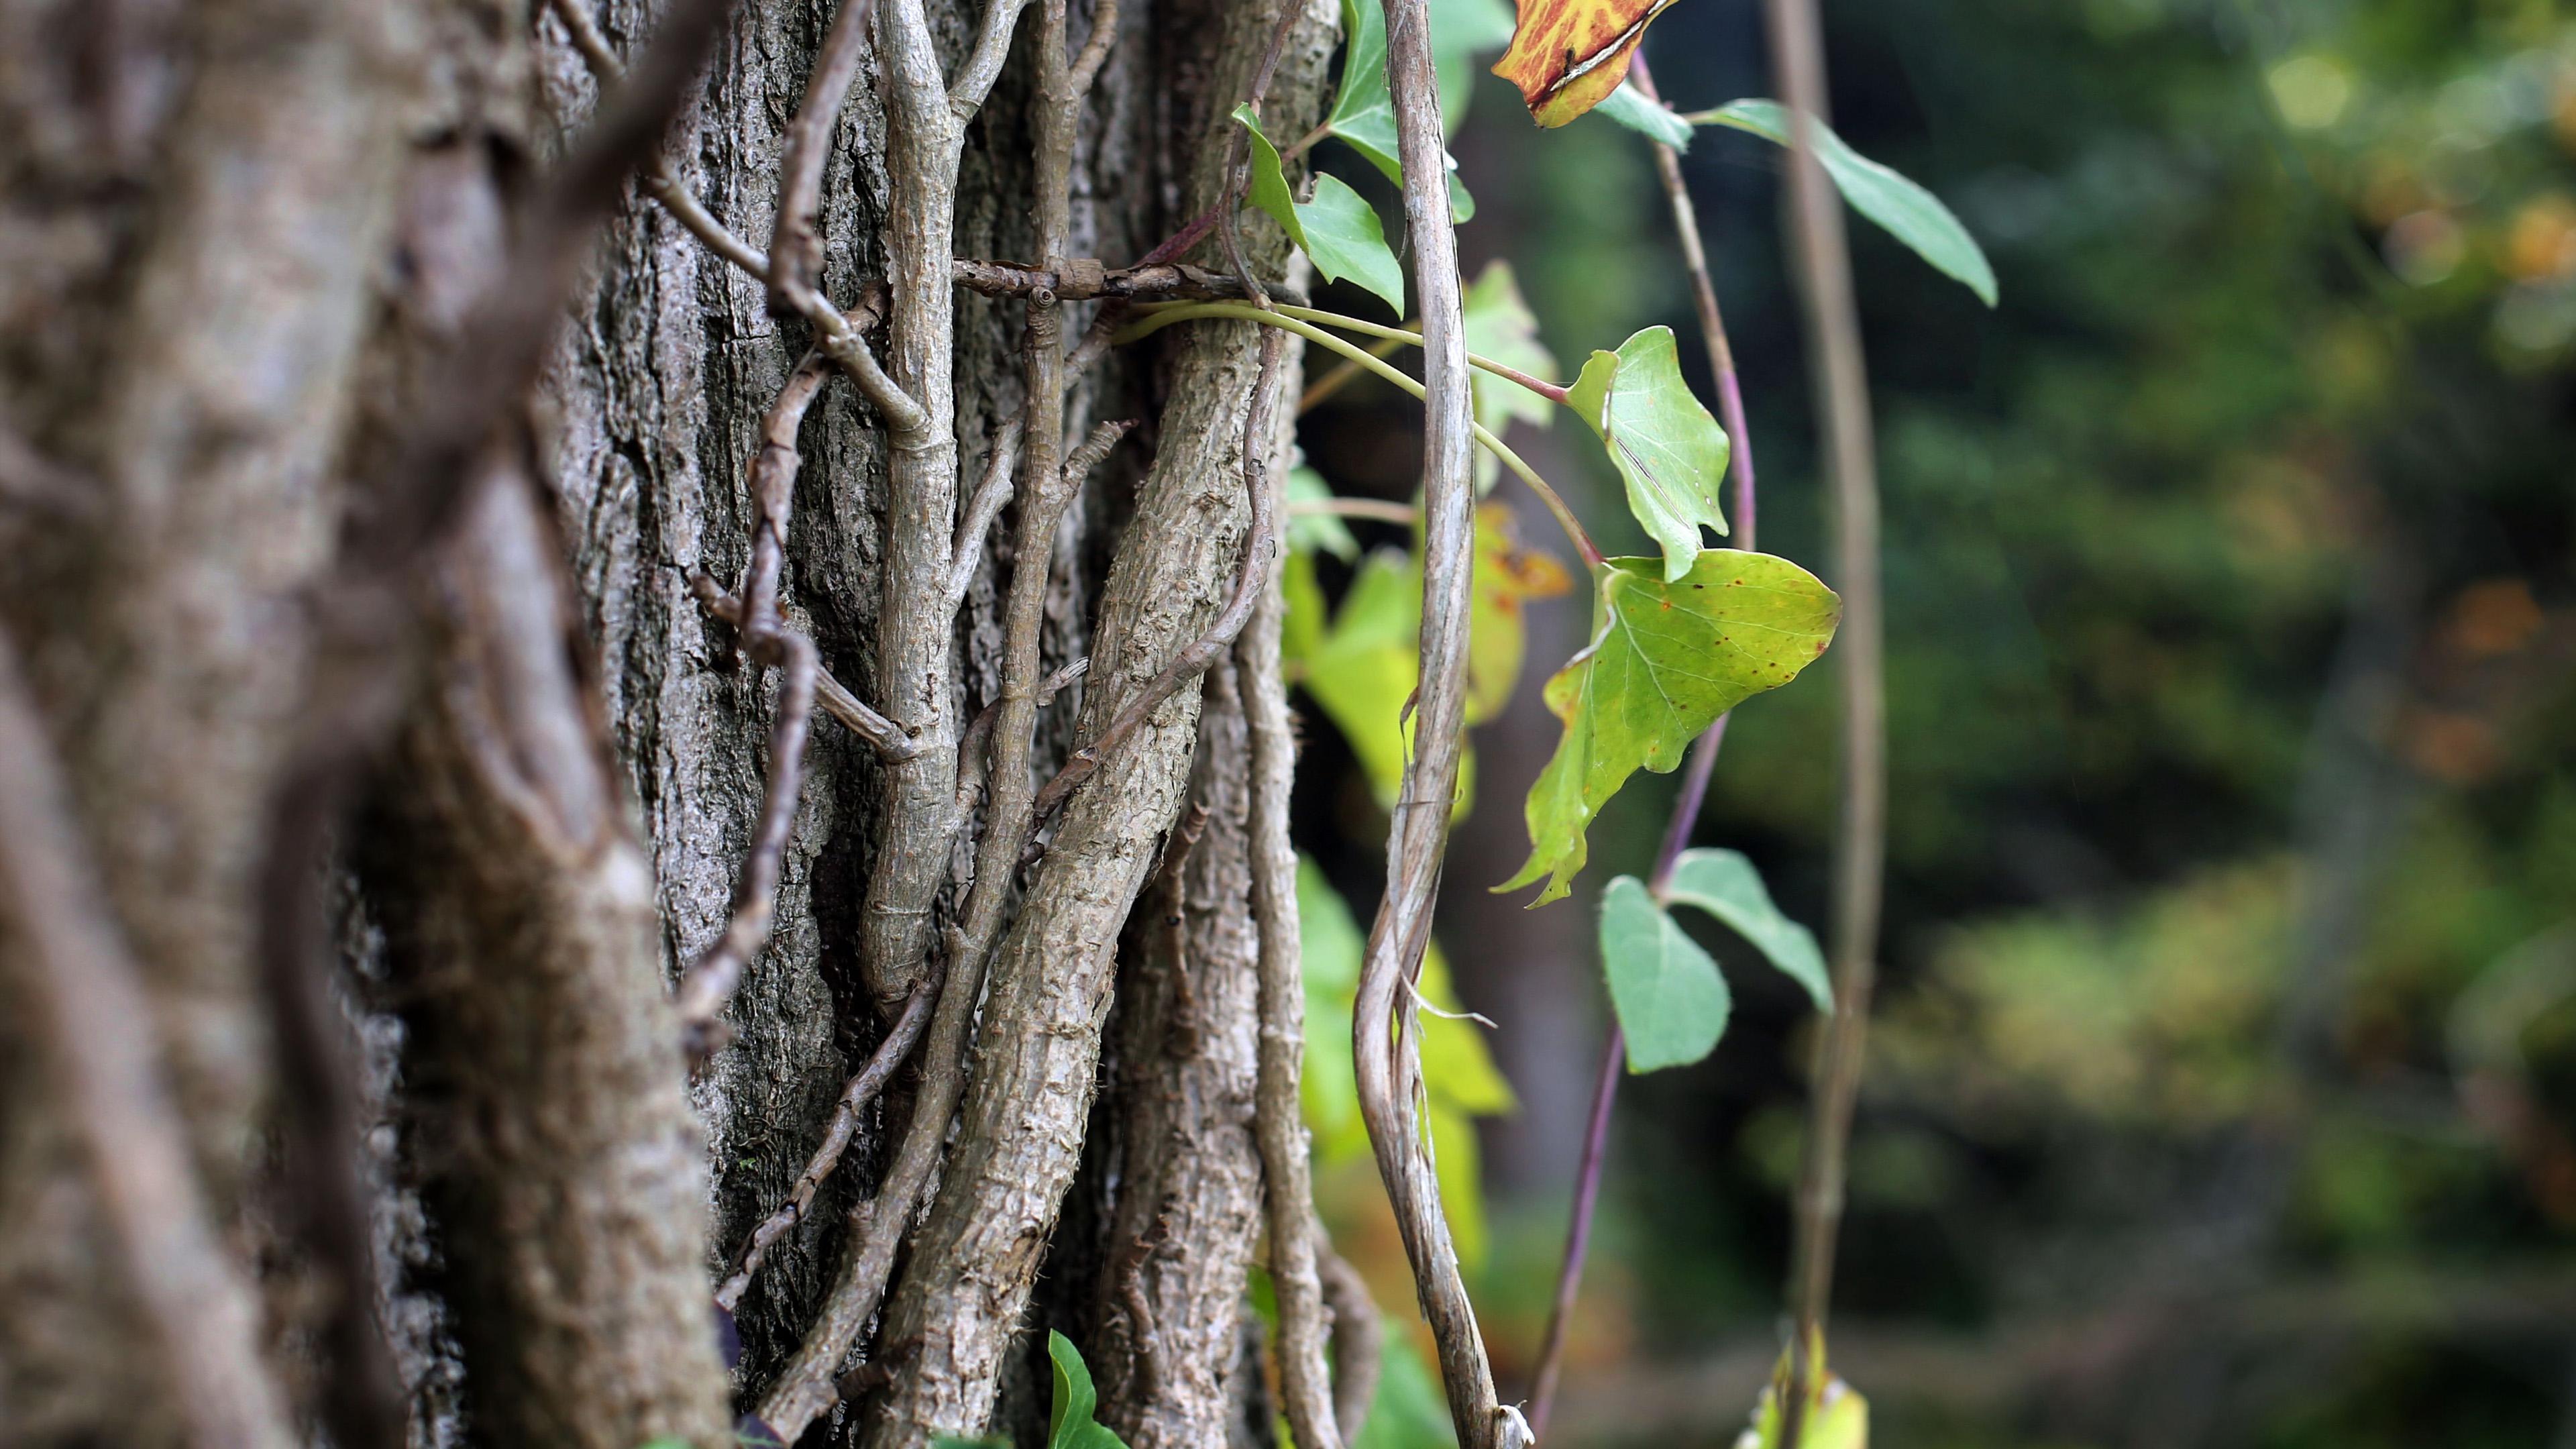 小清新,自然风光,藤蔓,森林一角